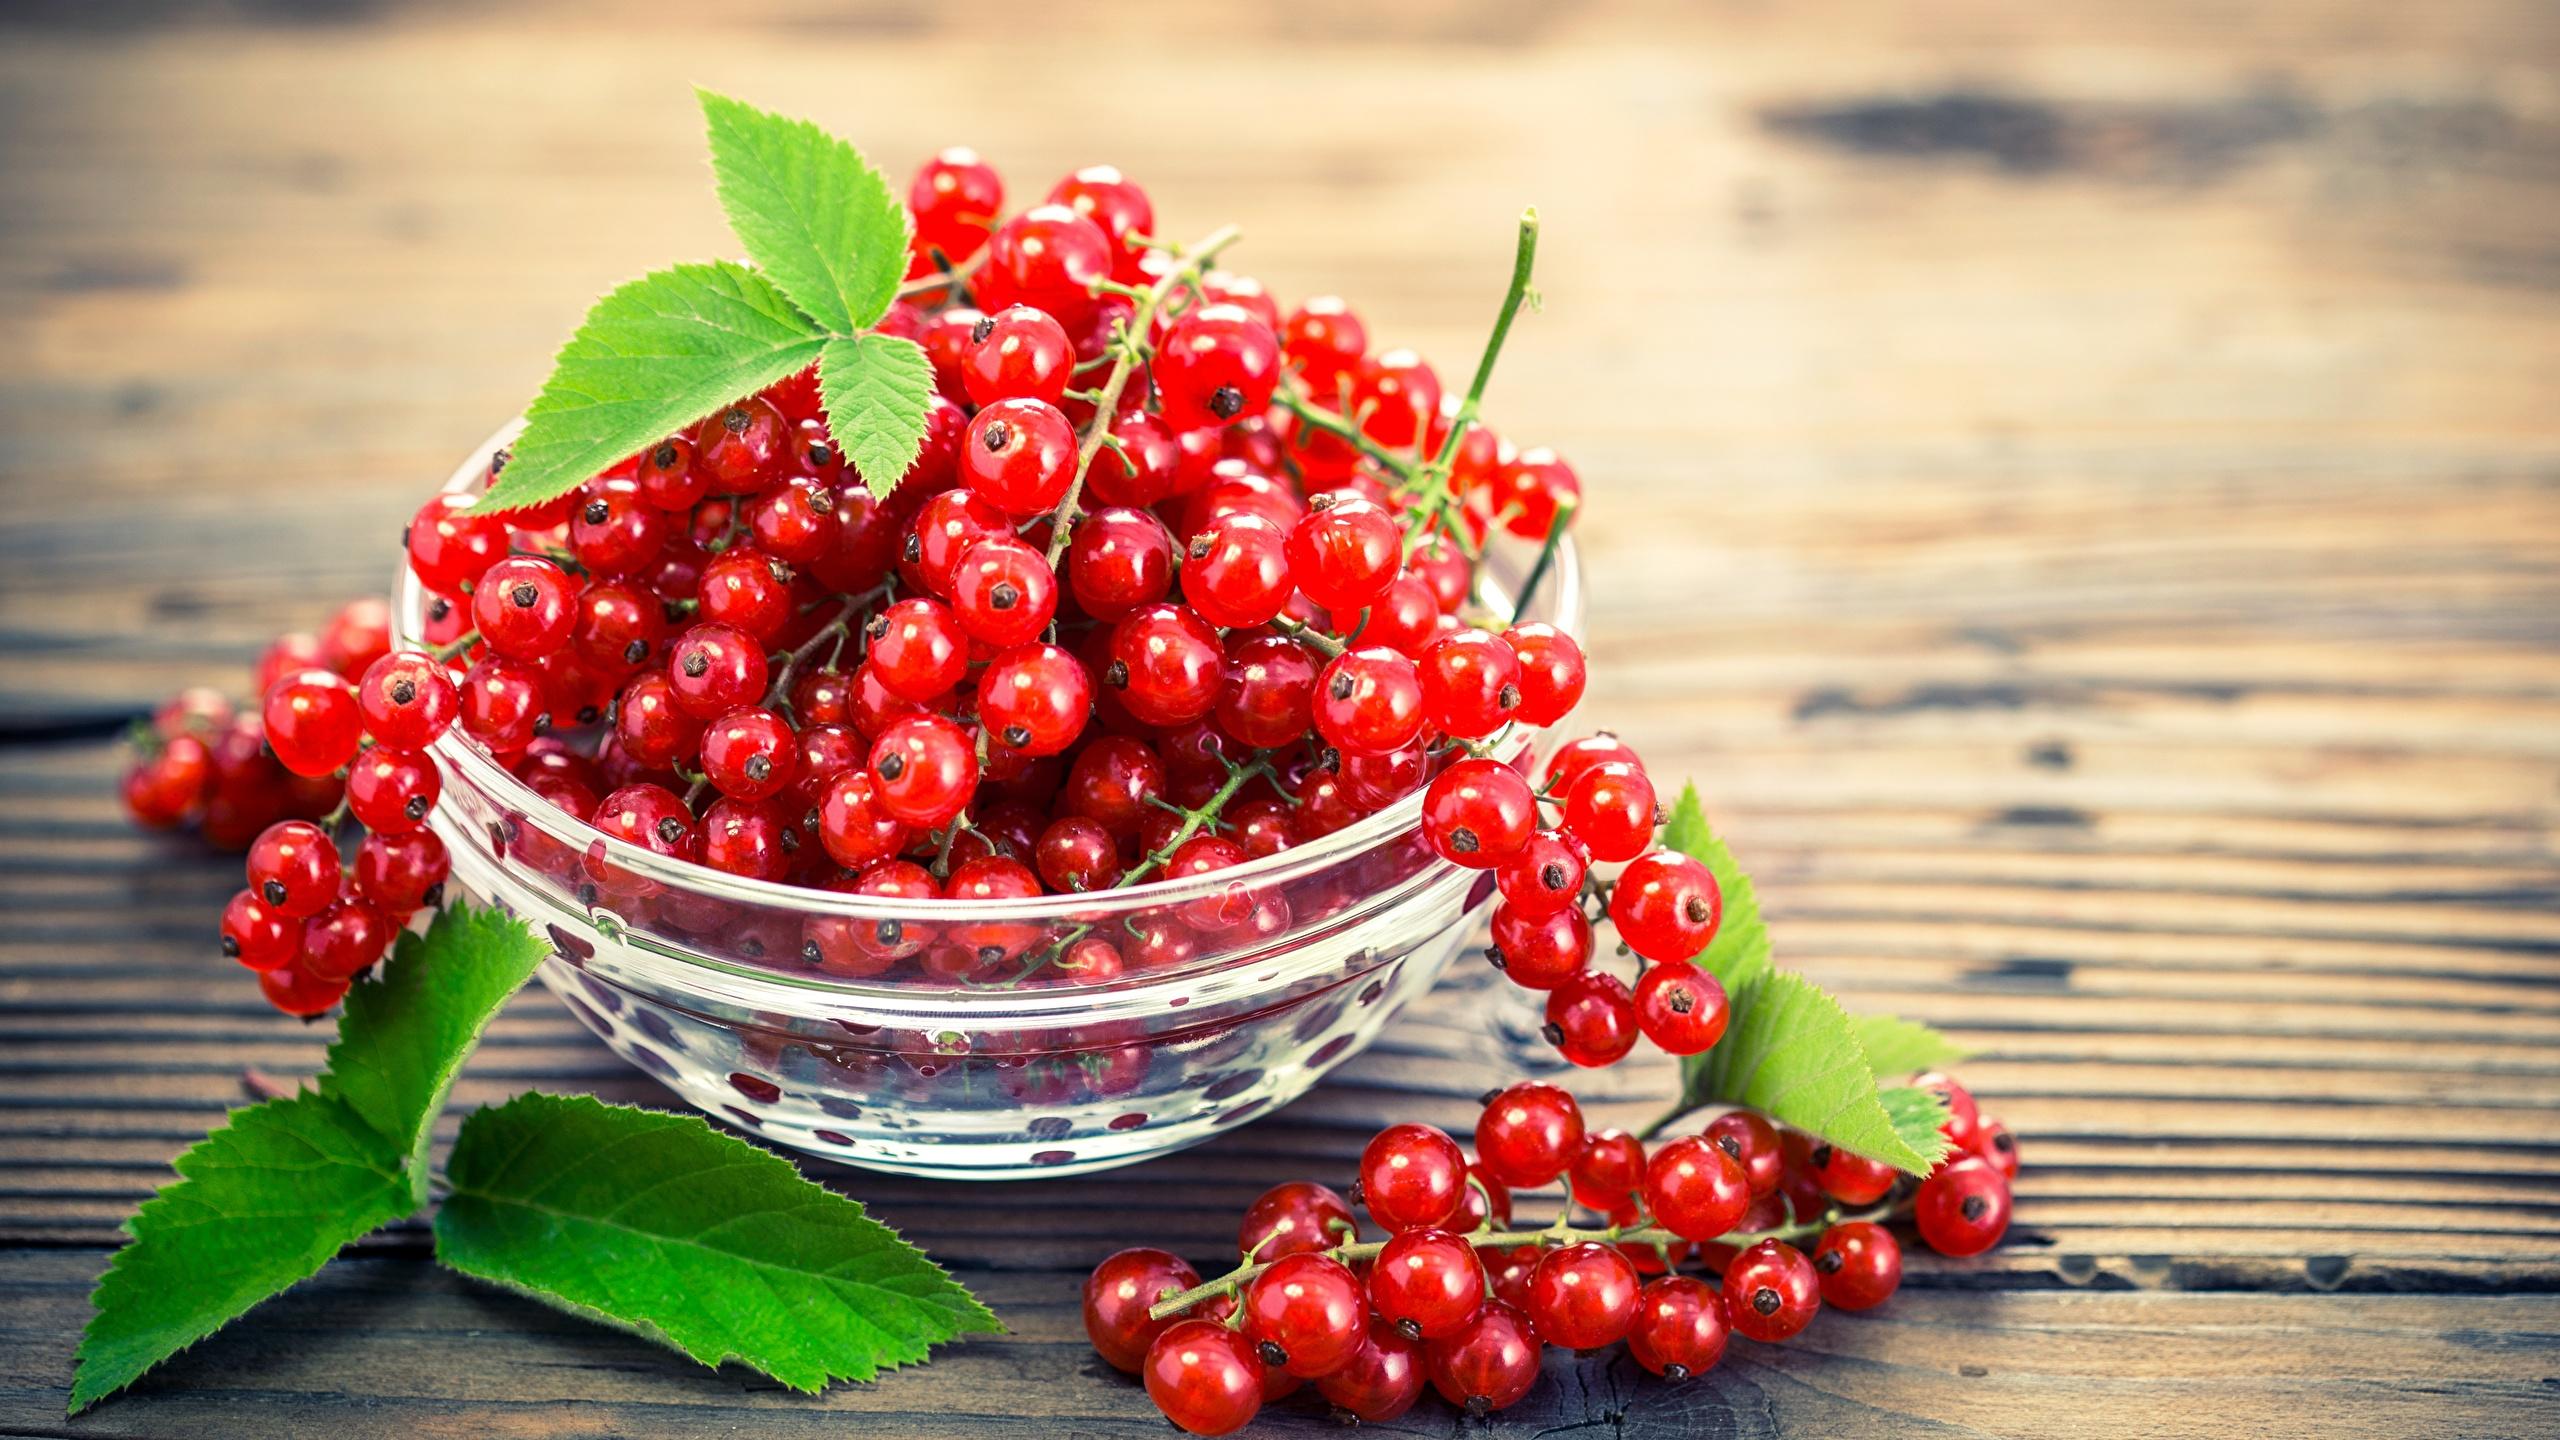 Картинки красных Миска Смородина Еда 2560x1440 красная красные Красный Пища Продукты питания